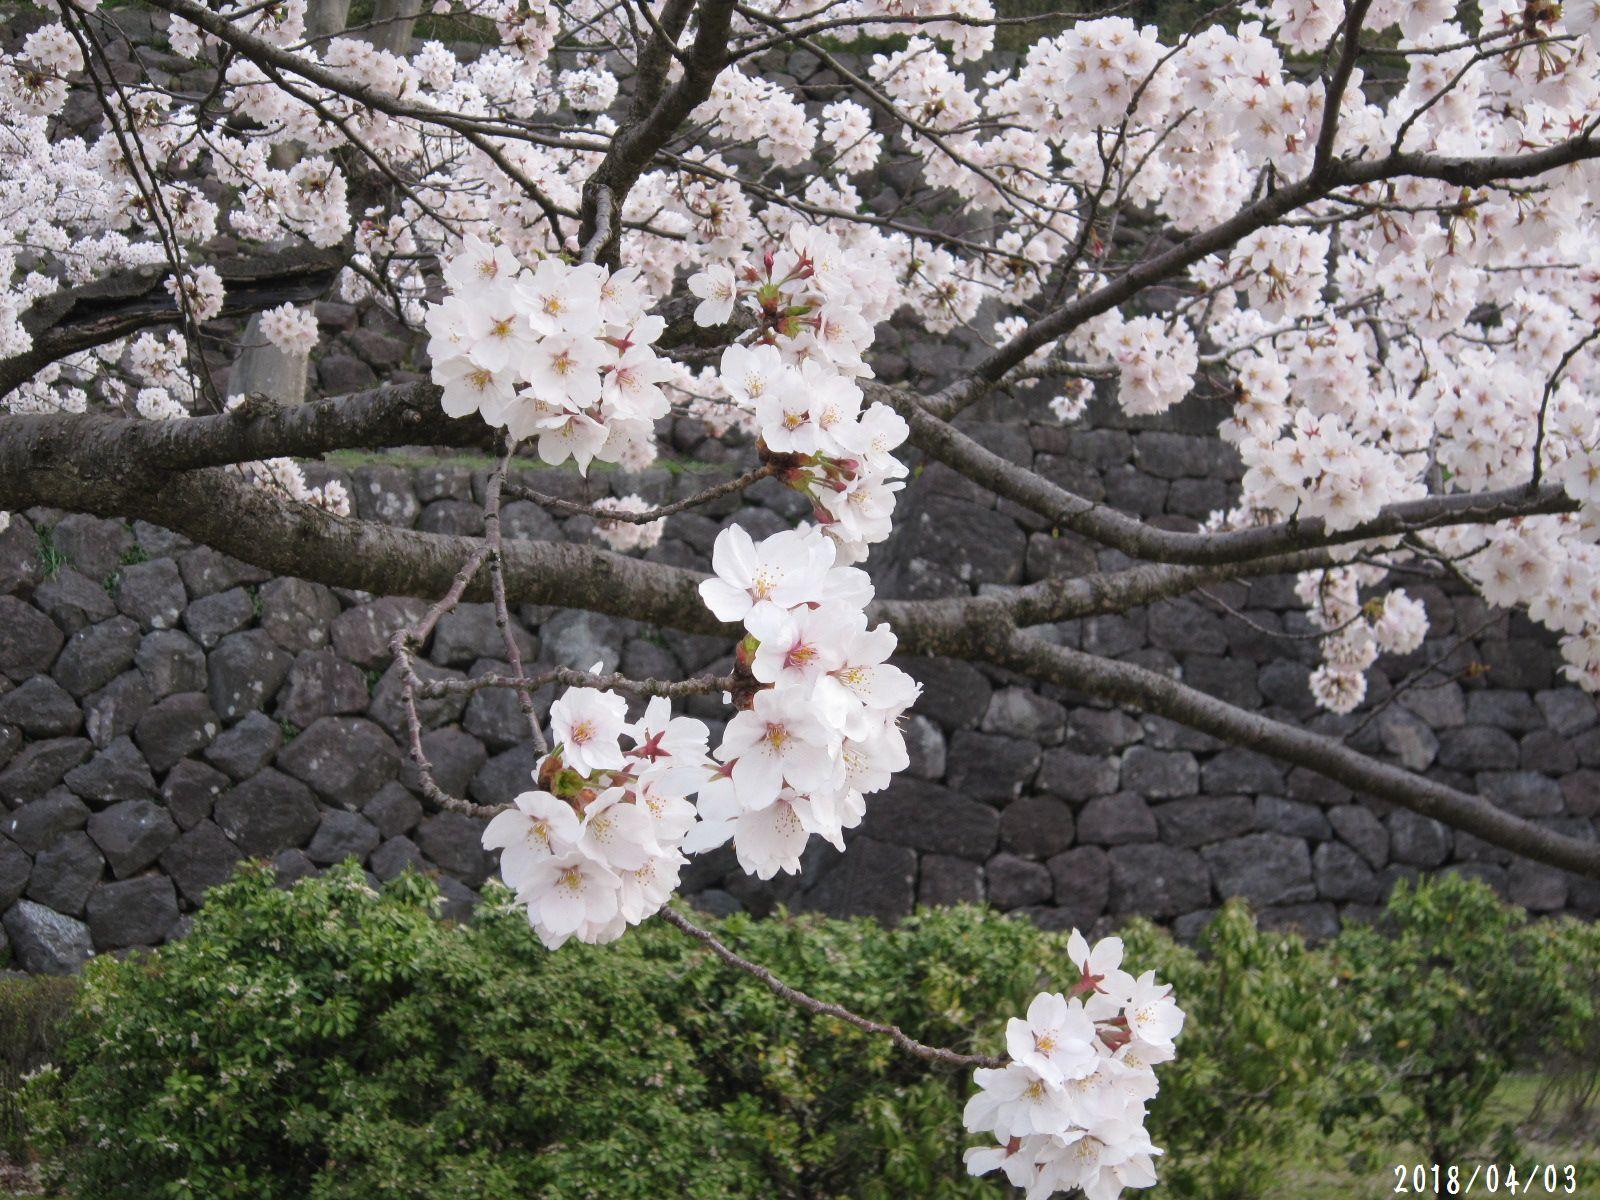 桜だより❀ 満開です❀ (4月7日 追記あり)  _a0207574_17132972.jpg